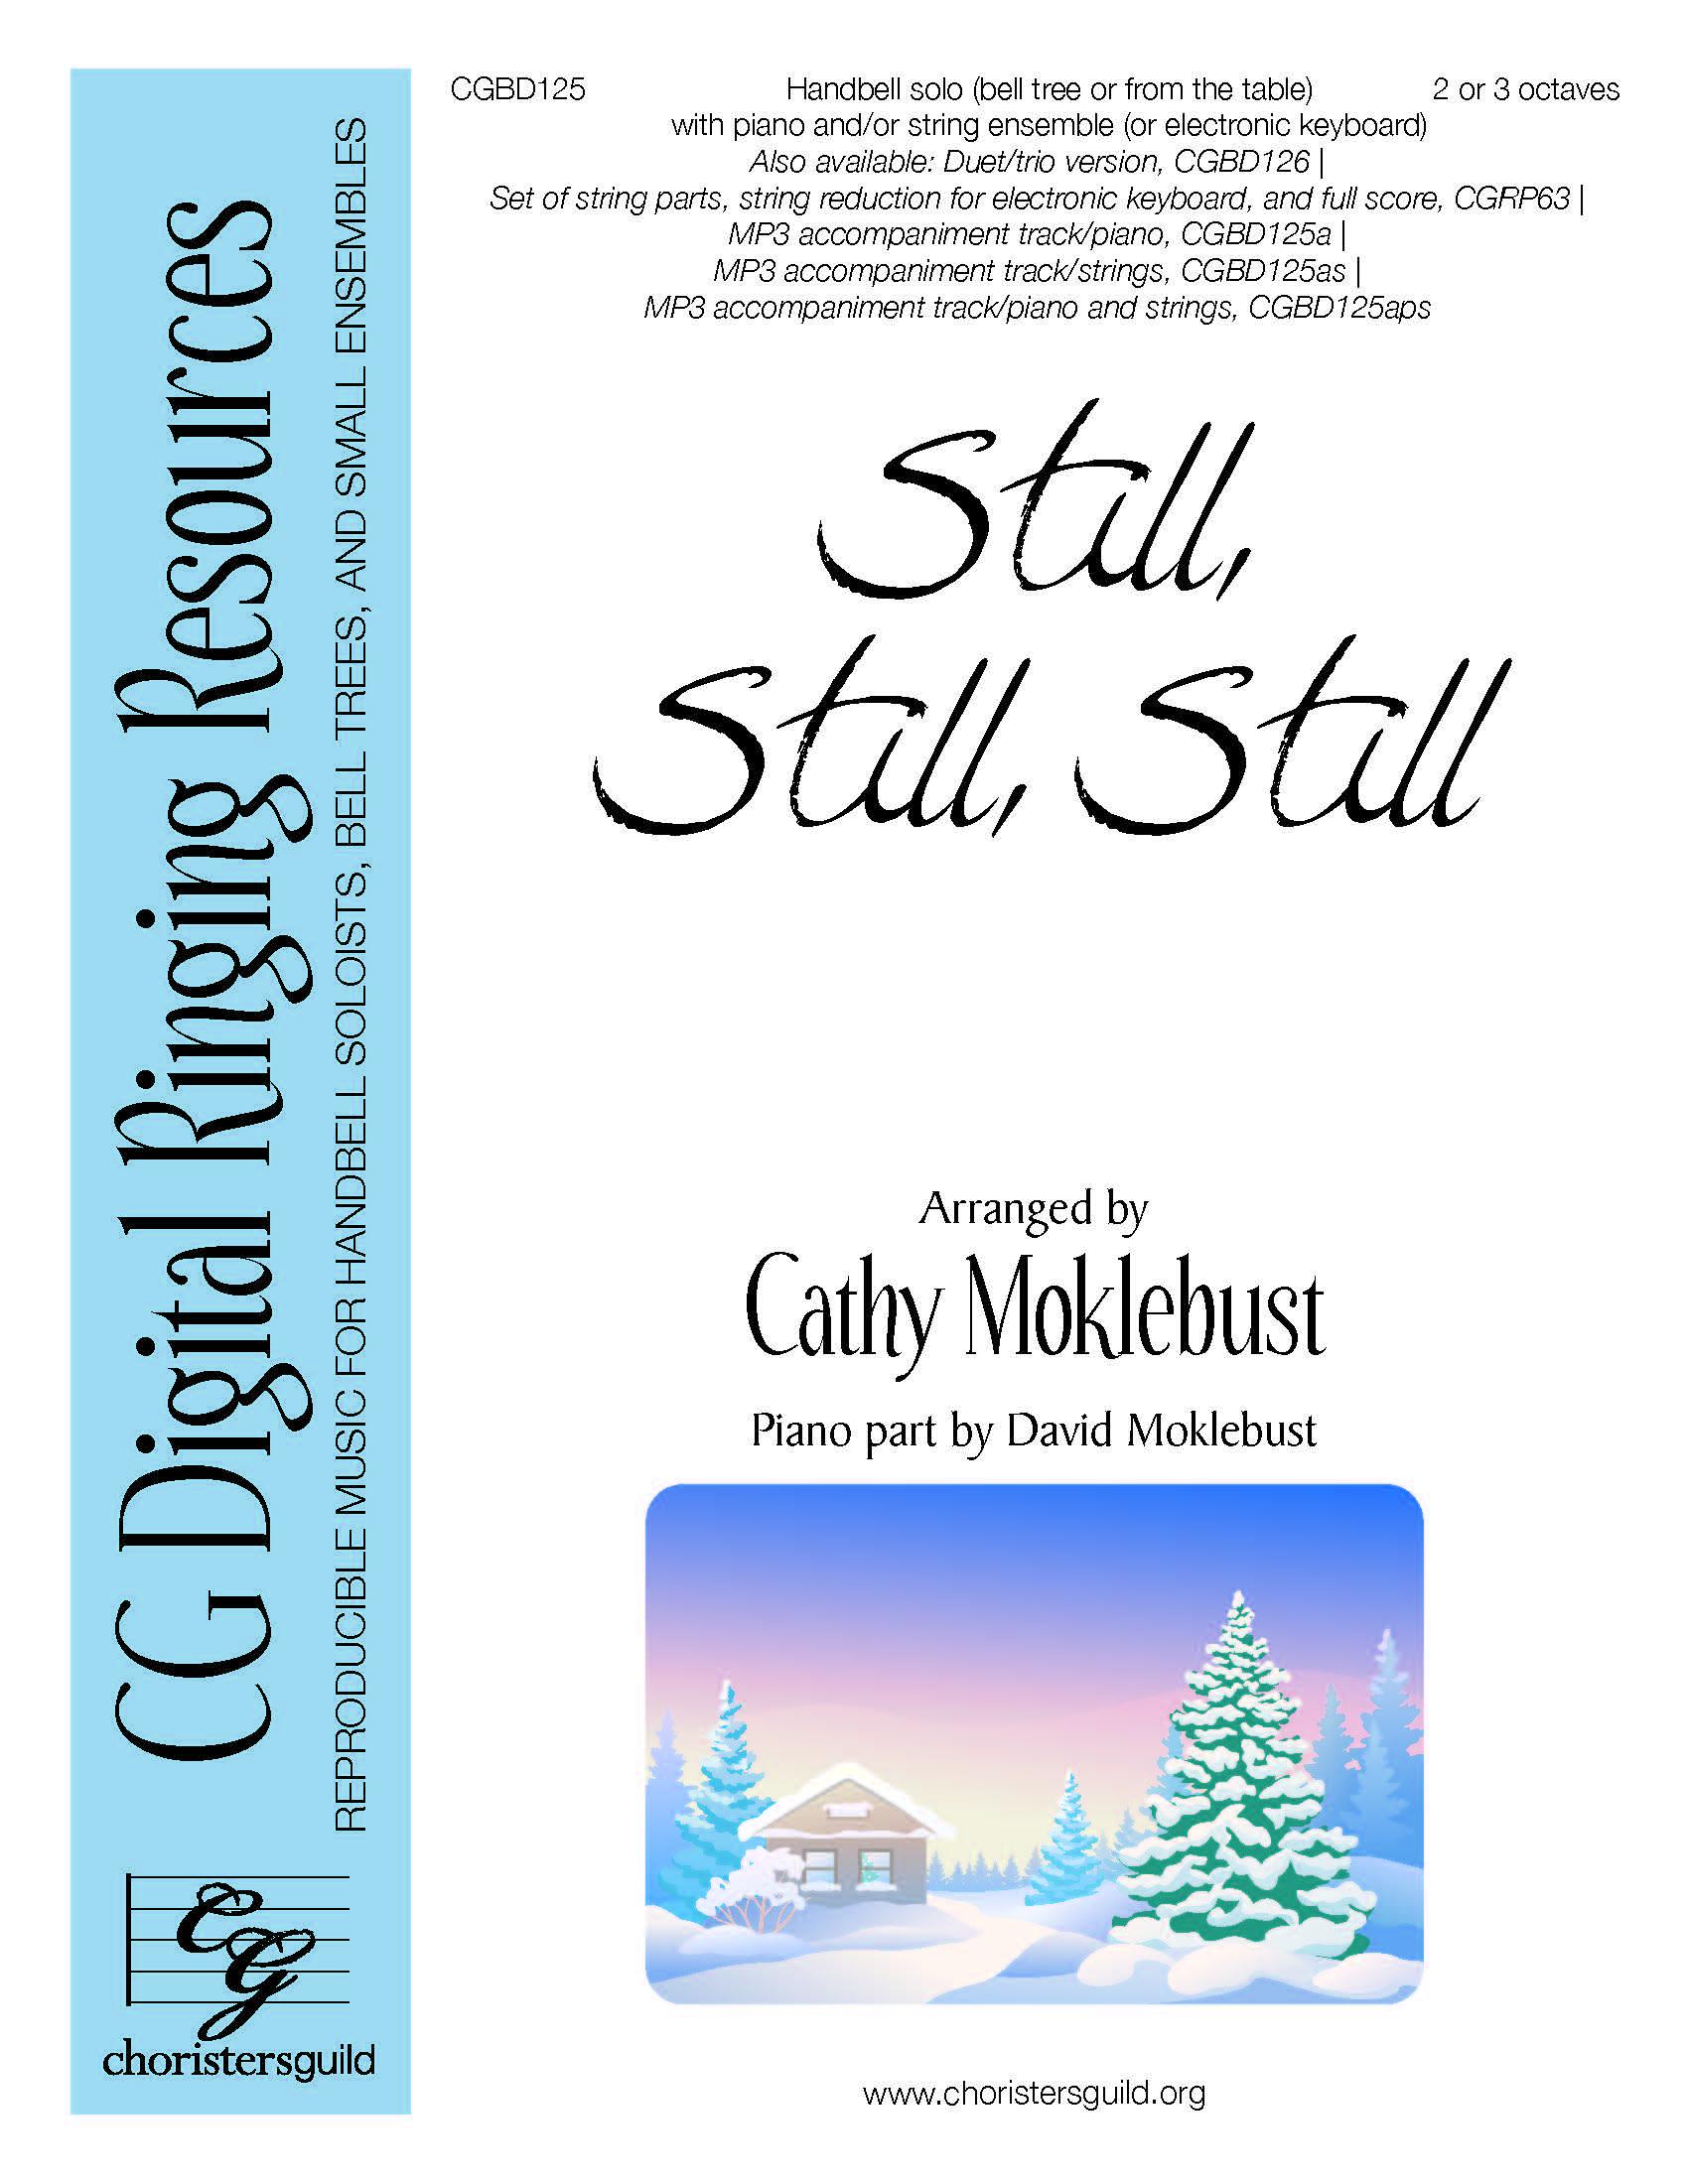 Still, Still, Still - Digital Accompaniment Track (piano)